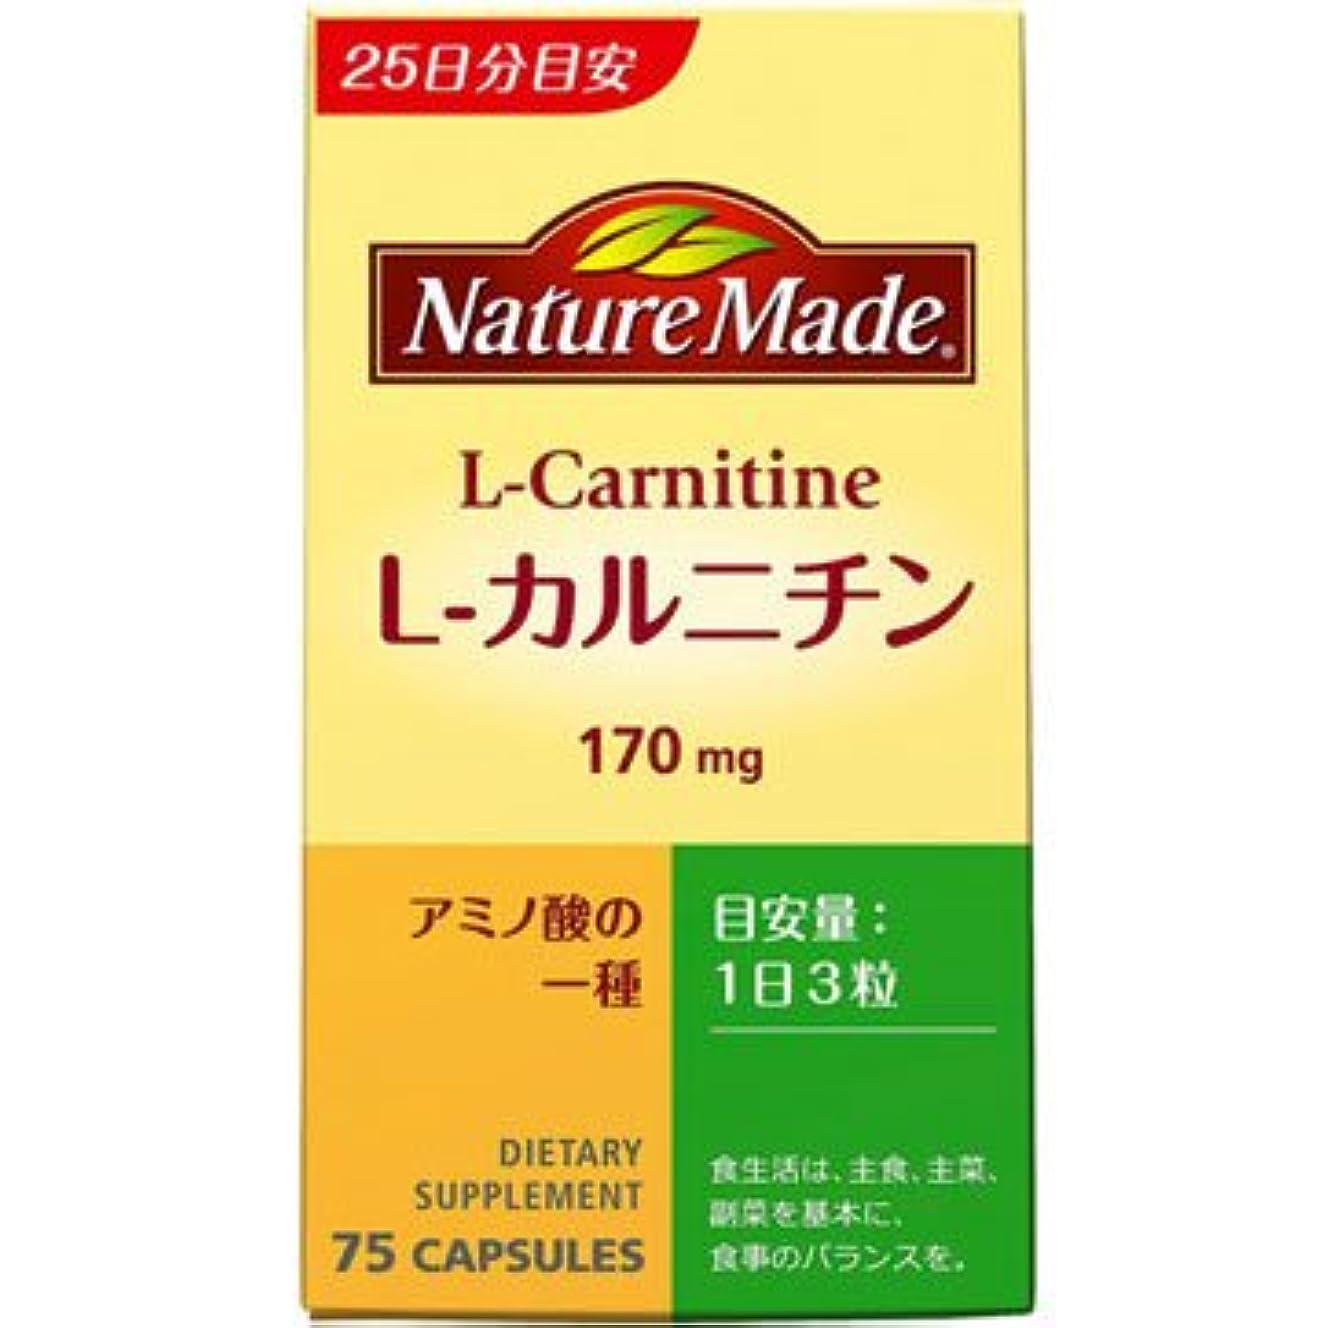 行く模索流体ネイチャーメイド L-カルニチン 75粒 [ヘルスケア&ケア用品]